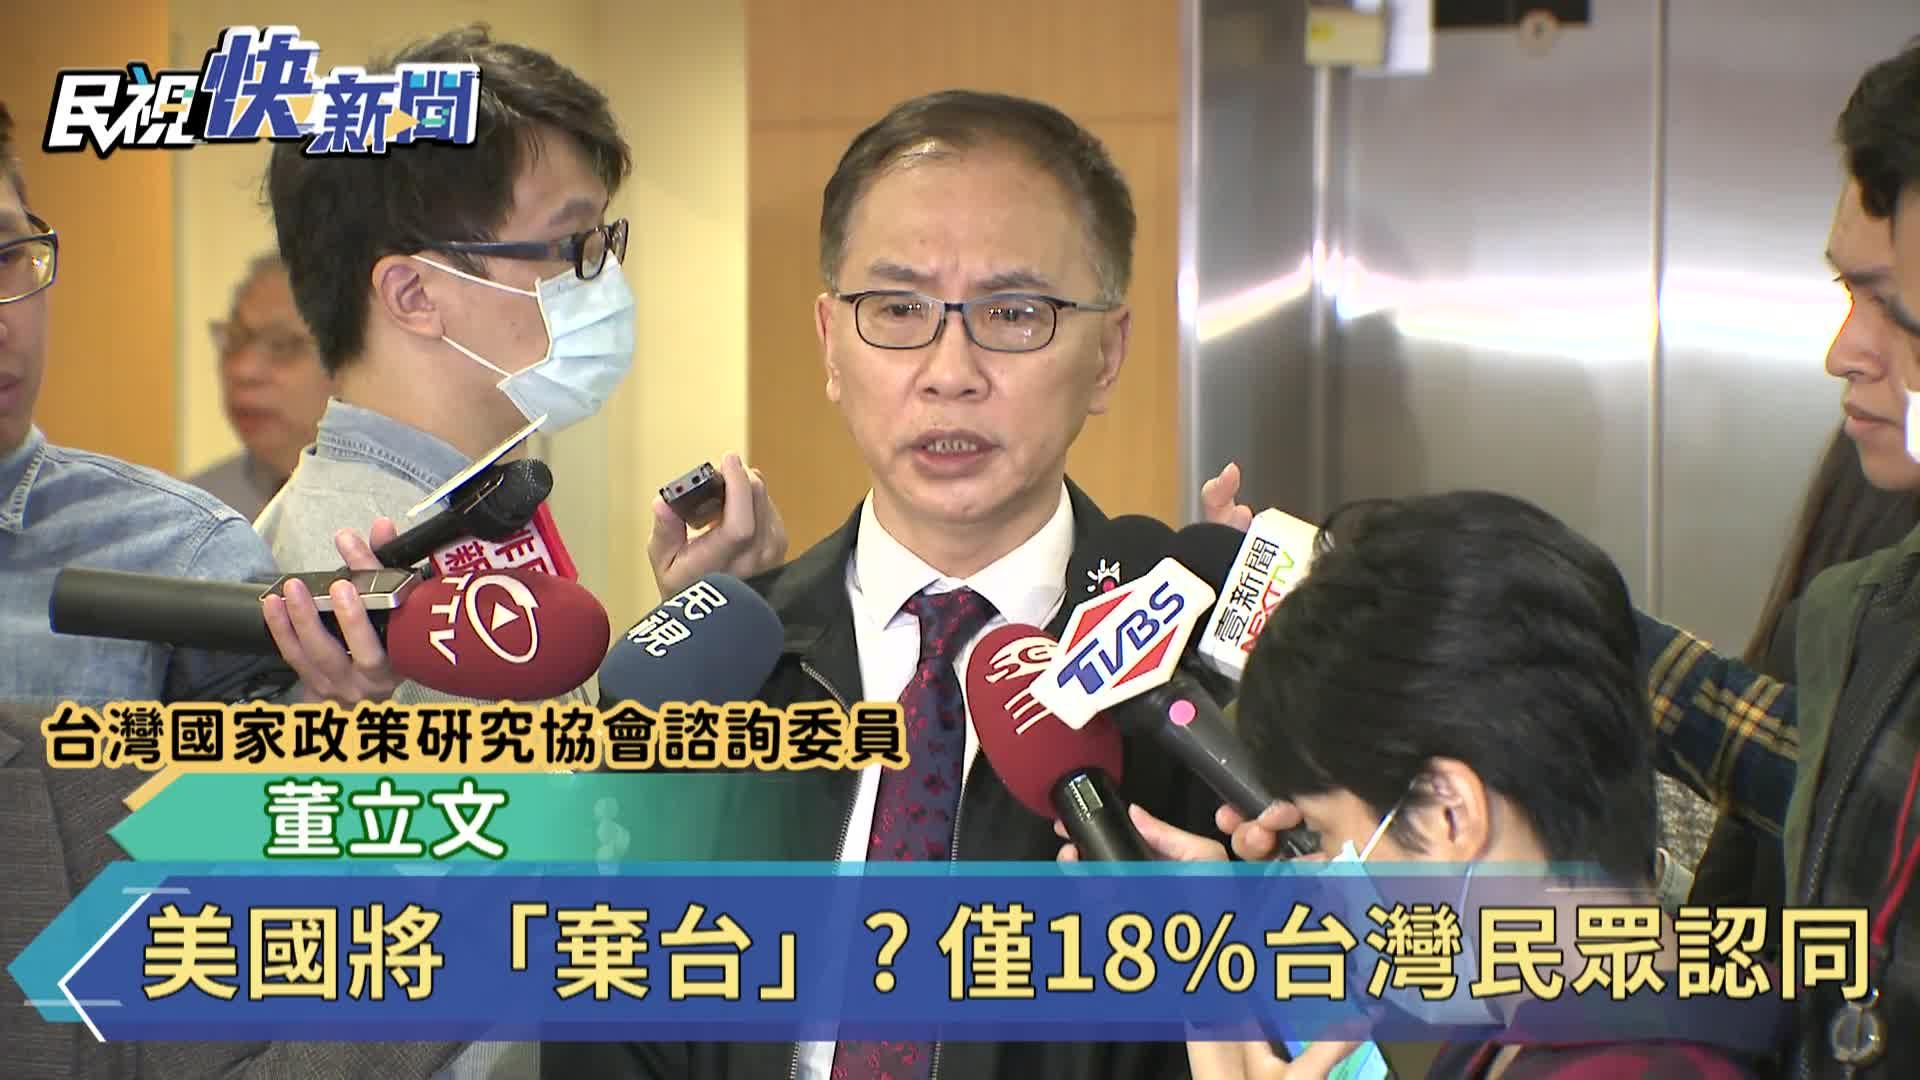 美國將「棄台」? 僅18%台灣民眾認同